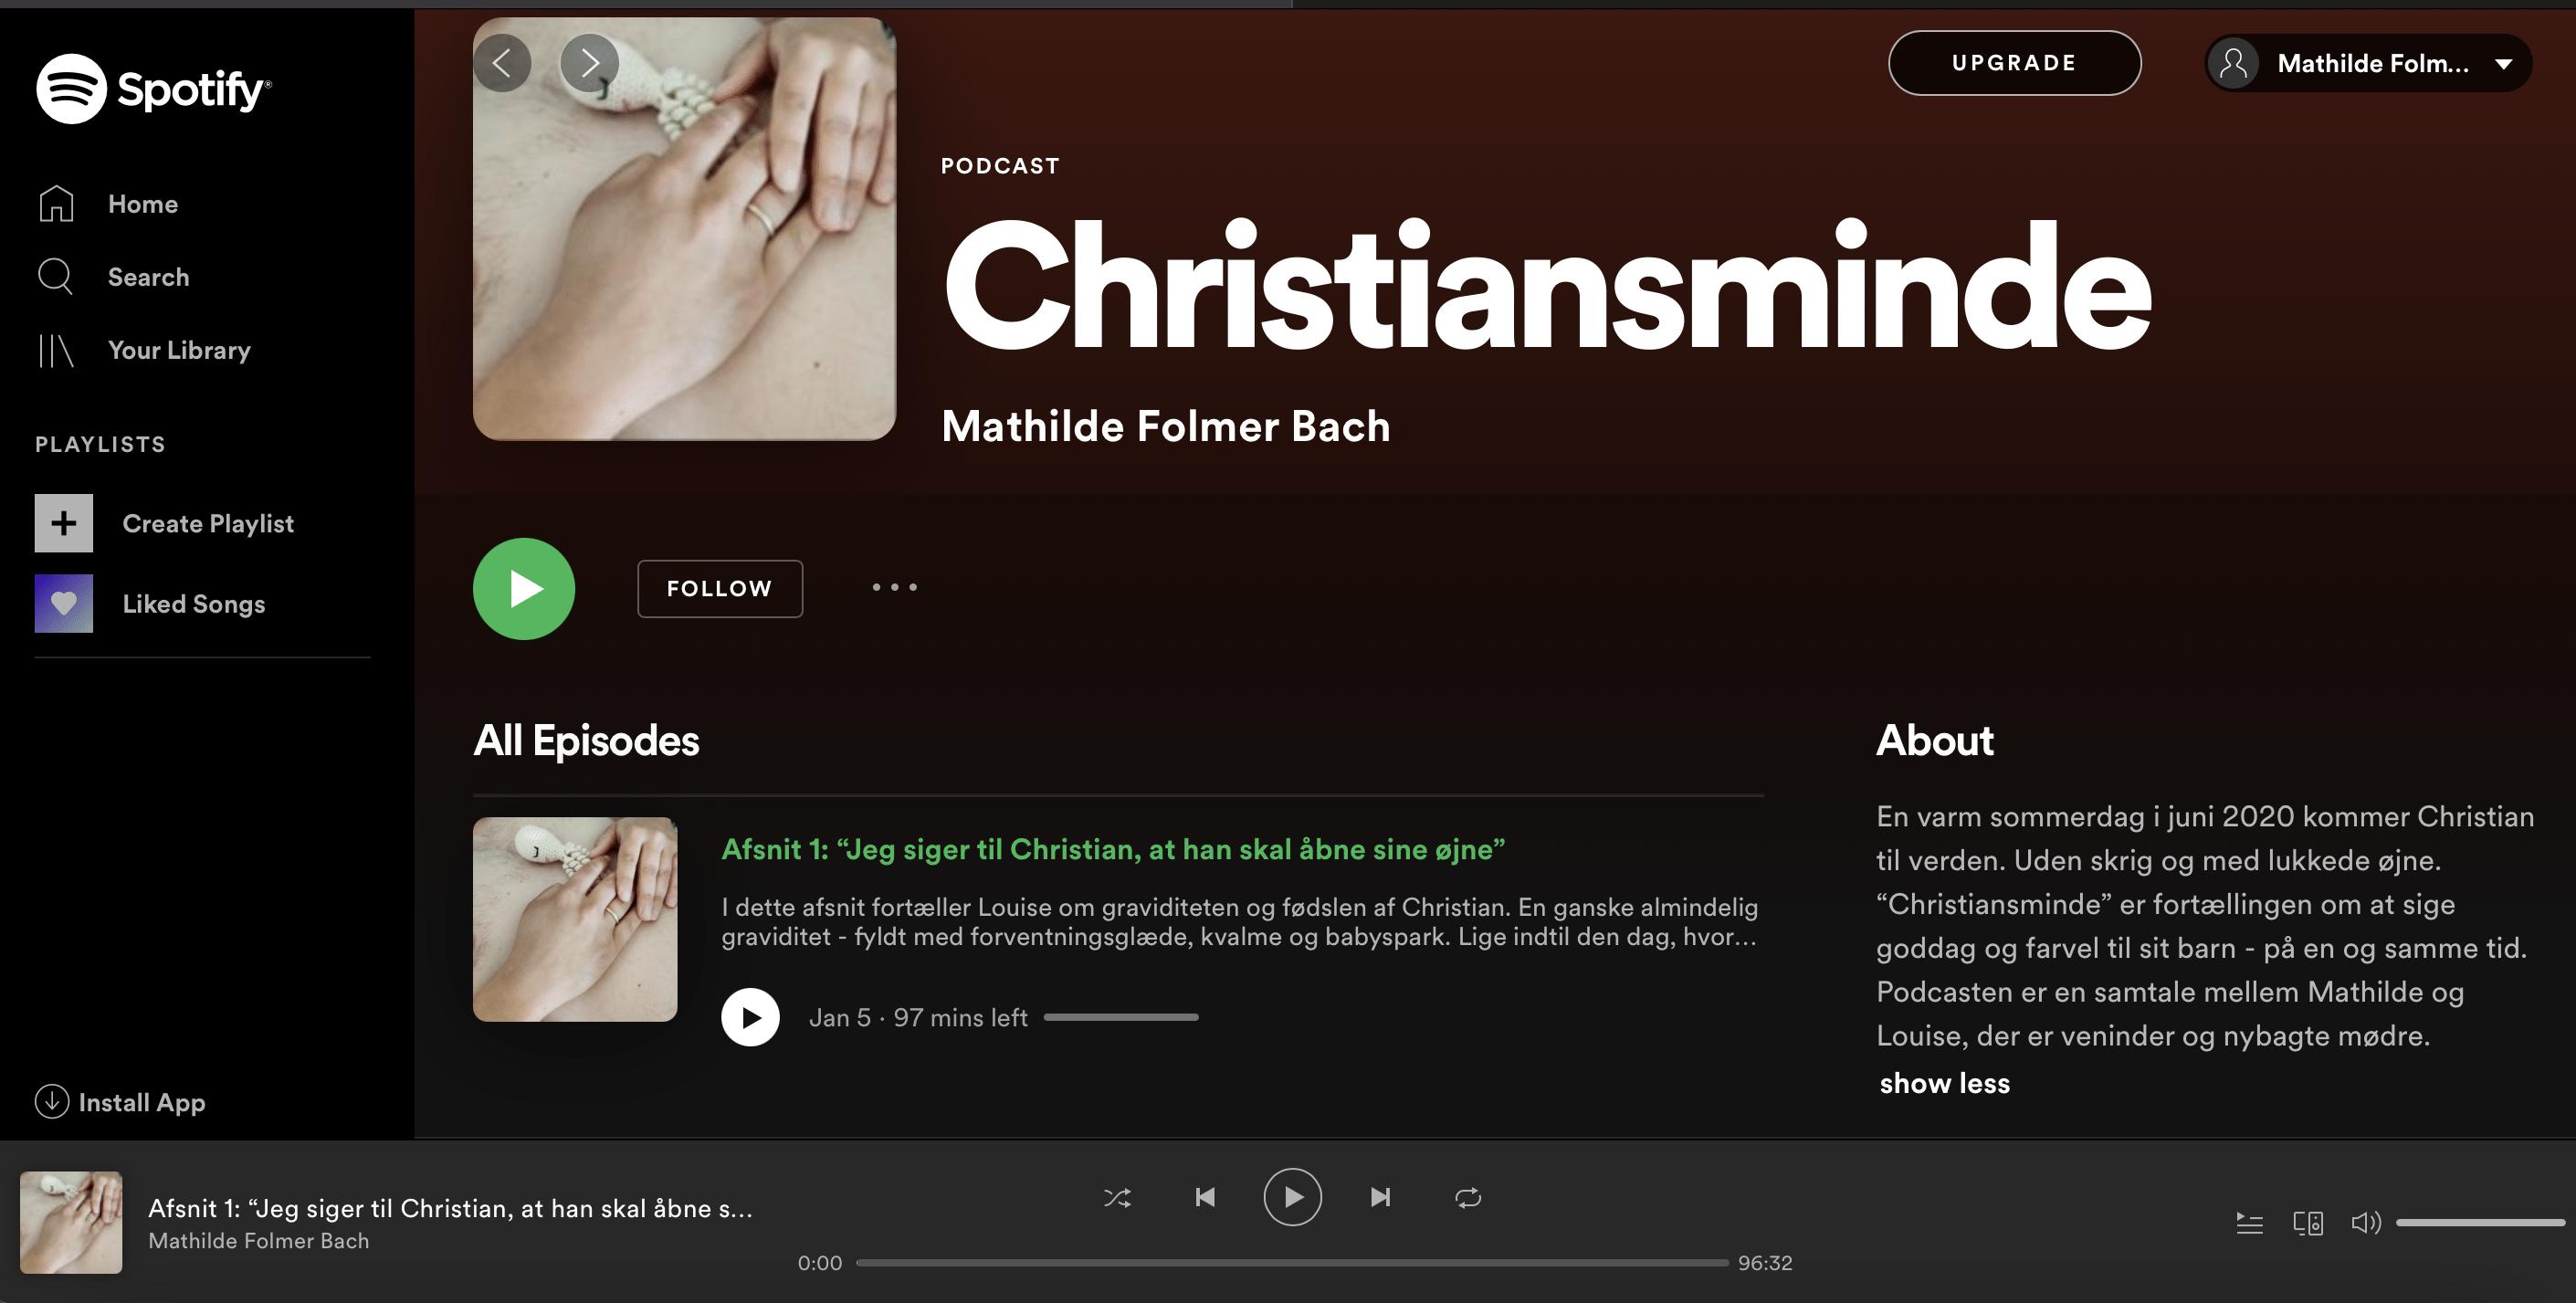 Christiansminde podcast på spotify